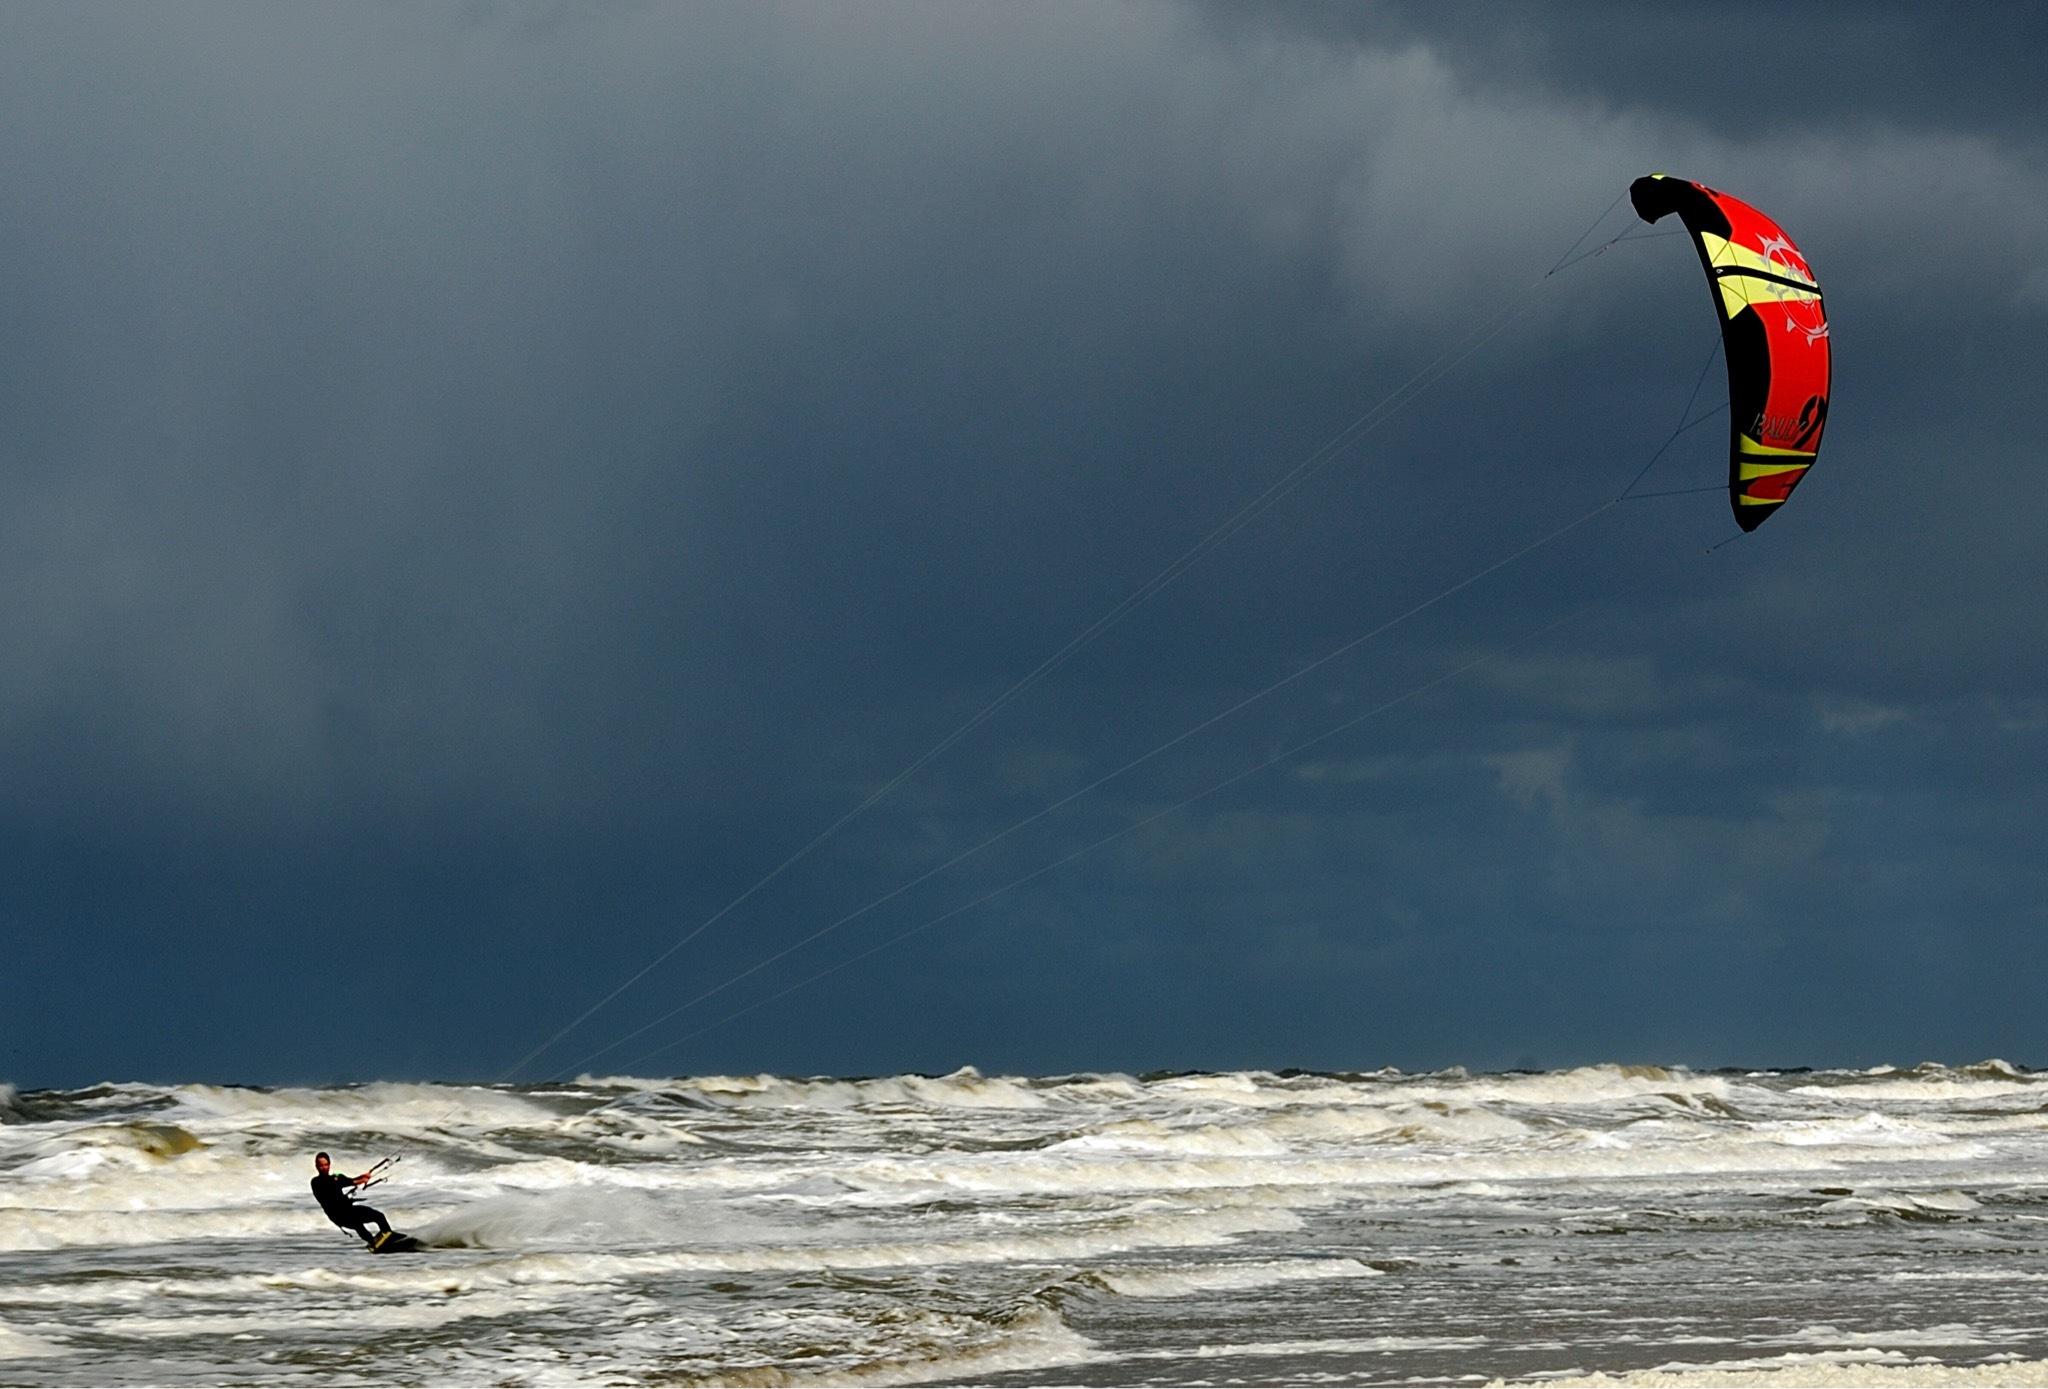 Wind by Neill PhotoArt